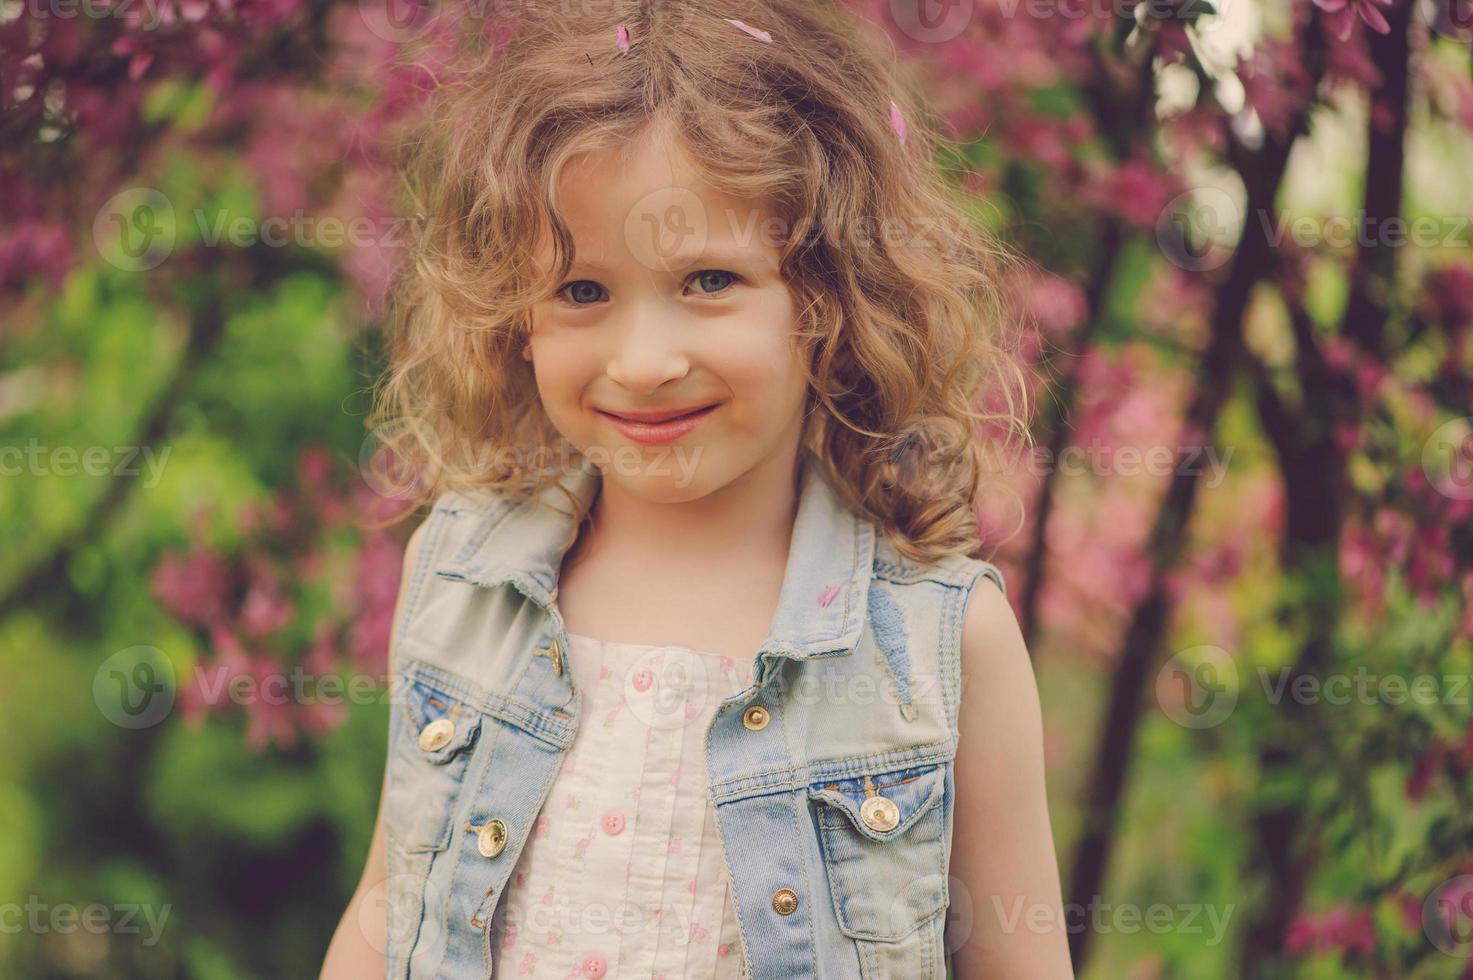 ragazza carina bambino godendo la primavera nell'accogliente giardino di campagna foto